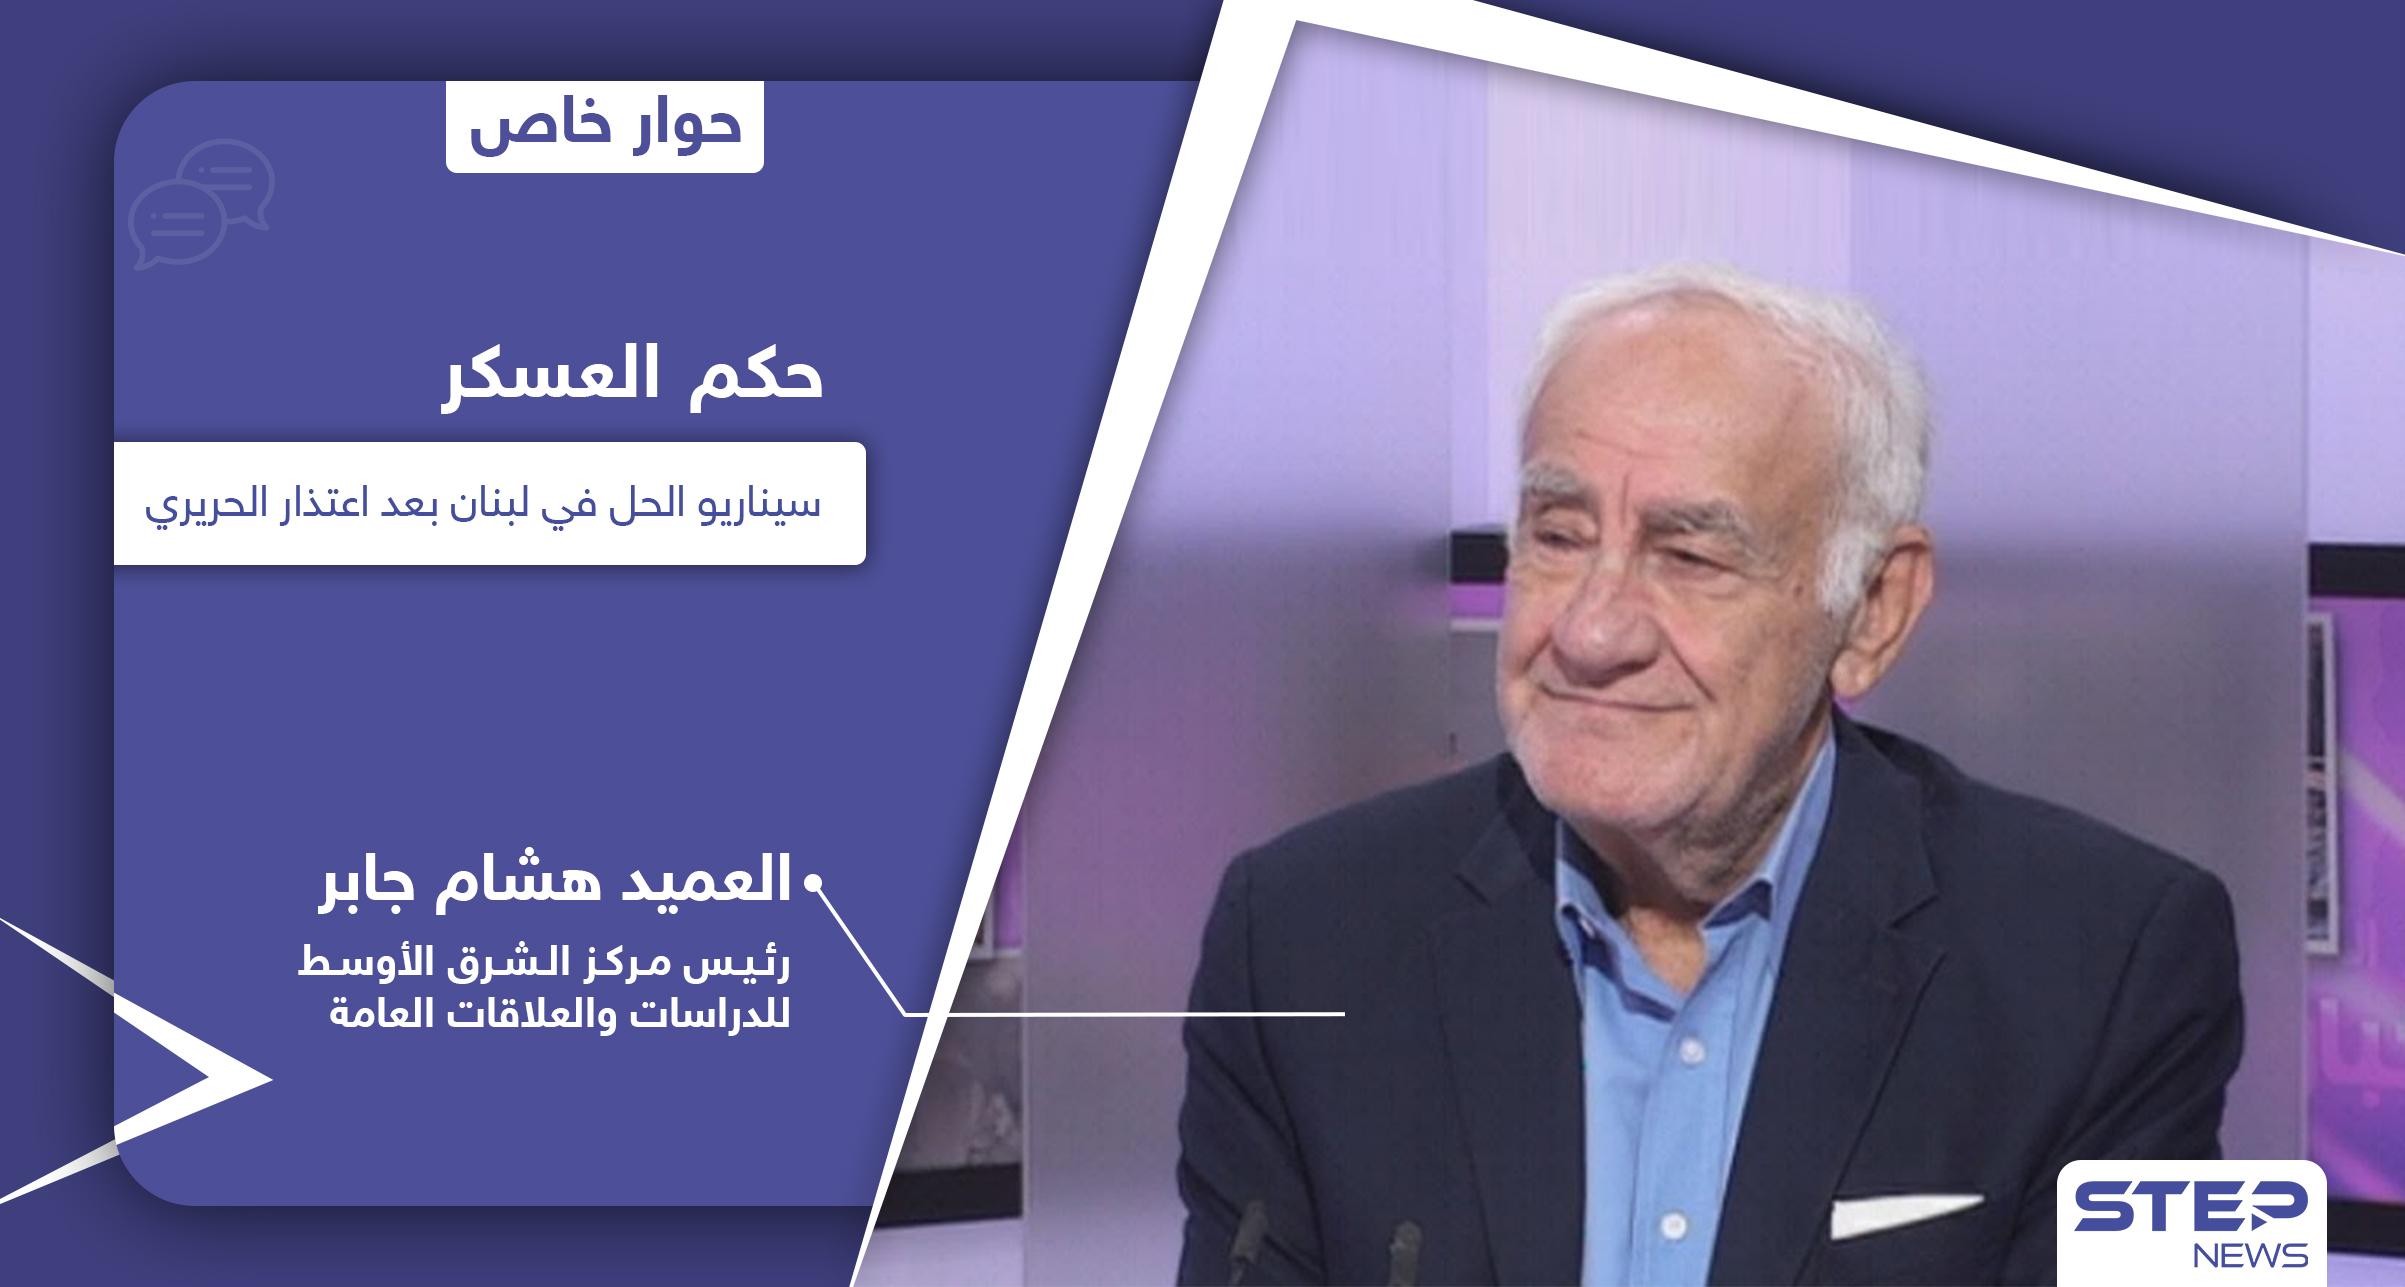 العميد هشام جابر - حكومة لبنان المنتظرة.. 3 سيناريوهات بعد اعتذار الحريري بينها حكم العسكر تحت الأمر الواقع